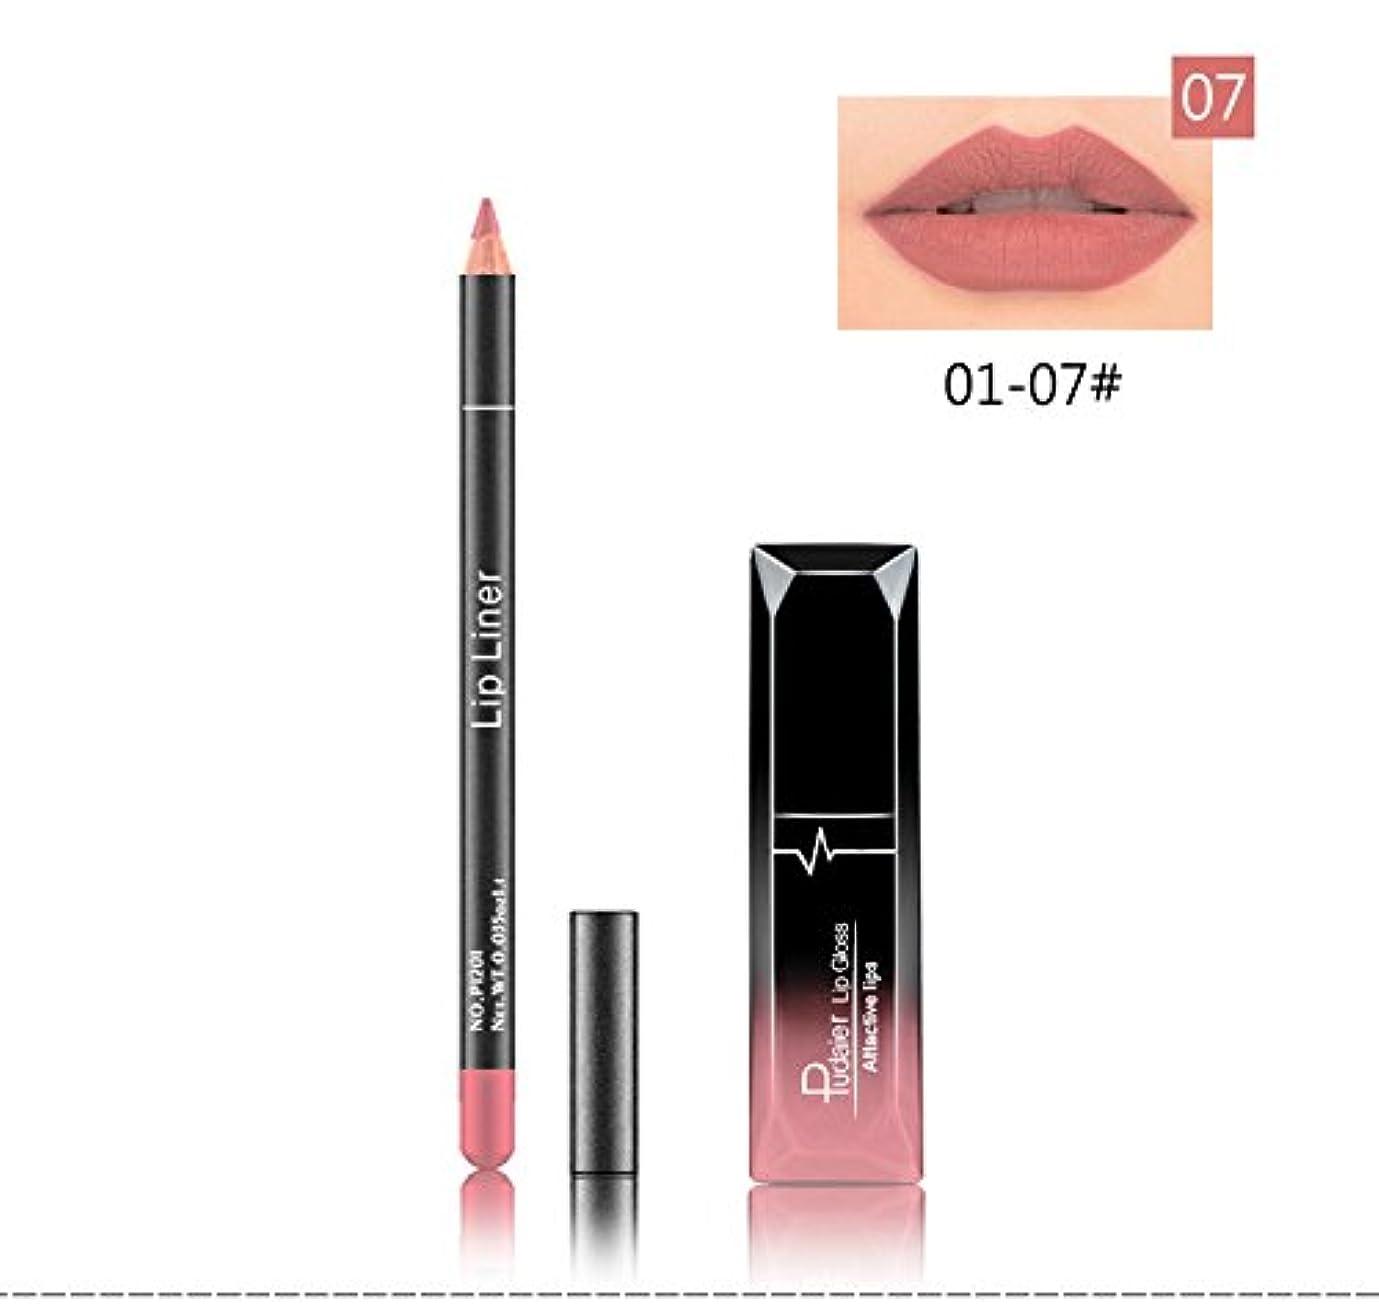 留め金管理頑固な(07) Pudaier 1pc Matte Liquid Lipstick Cosmetic Lip Kit+ 1 Pc Nude Lip Liner Pencil MakeUp Set Waterproof Long...